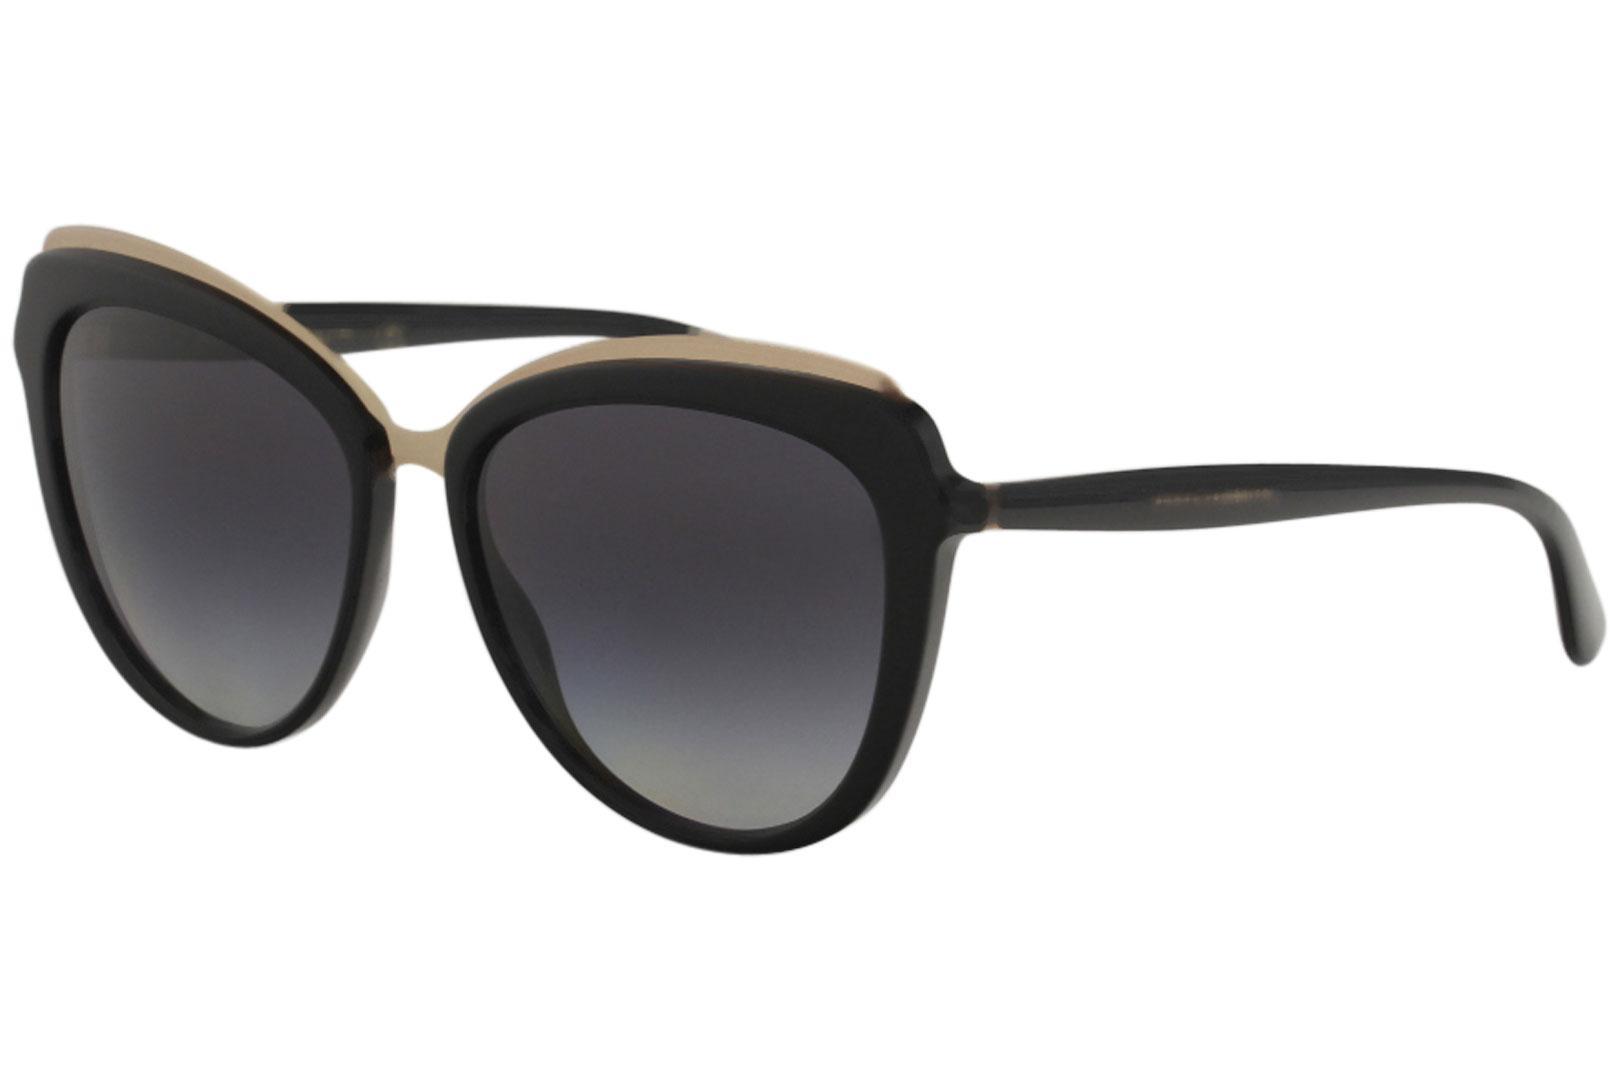 1b7f077e69b2 Dolce & Gabbana Women's D&G DG4304 DG/4304 Fashion Cat Eye Sunglasses by  Dolce & Gabbana